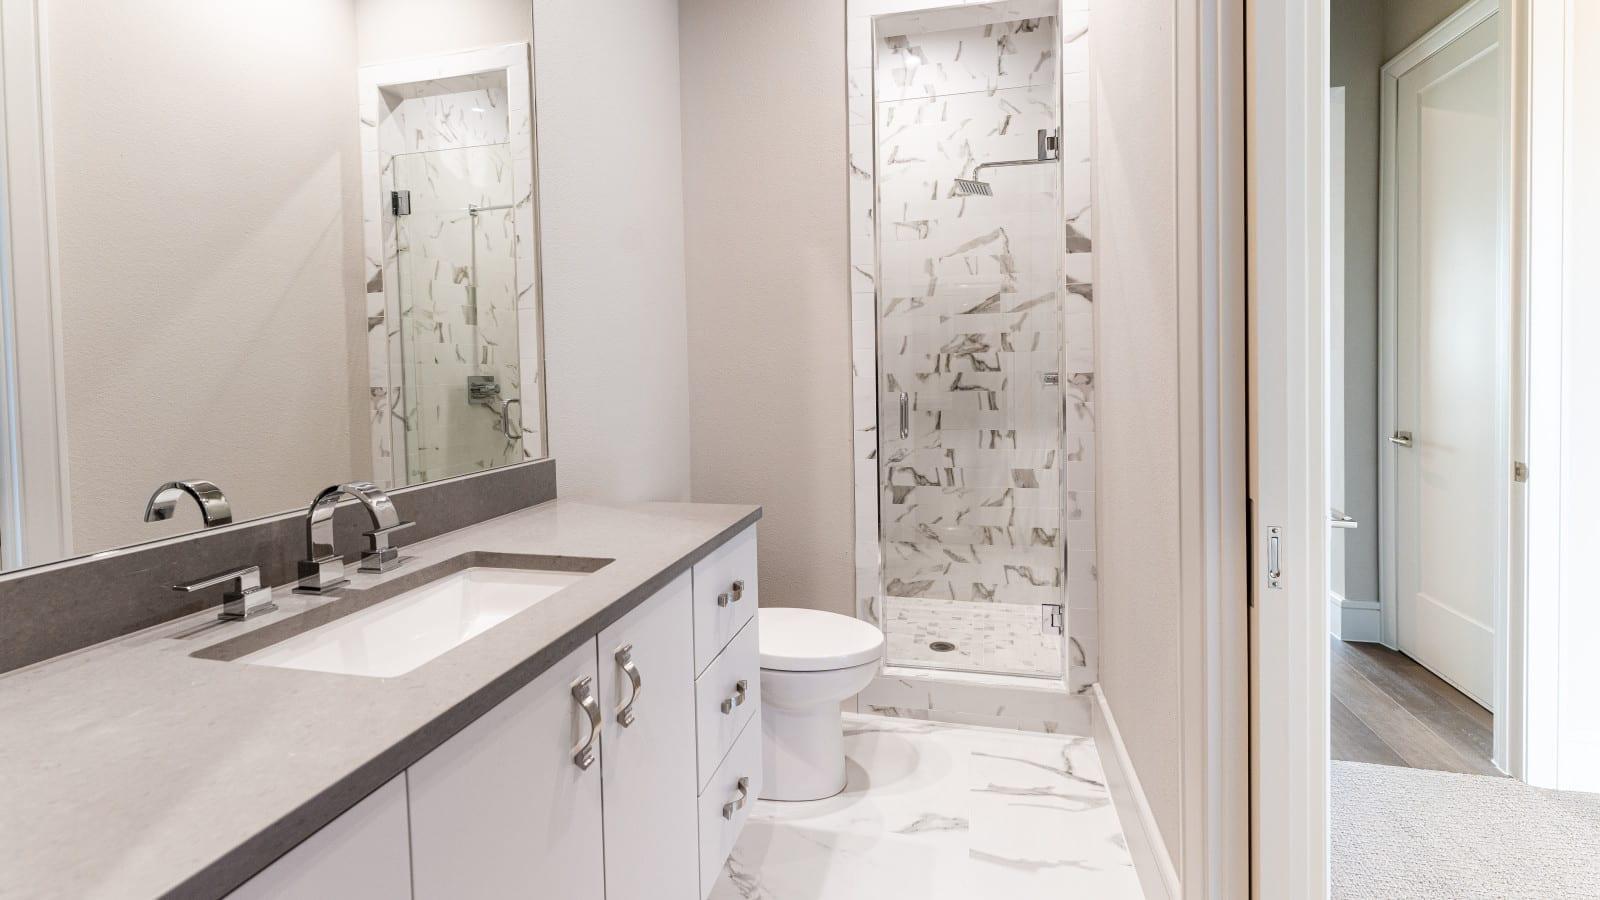 modern home design 36 - Millennial Design + Build